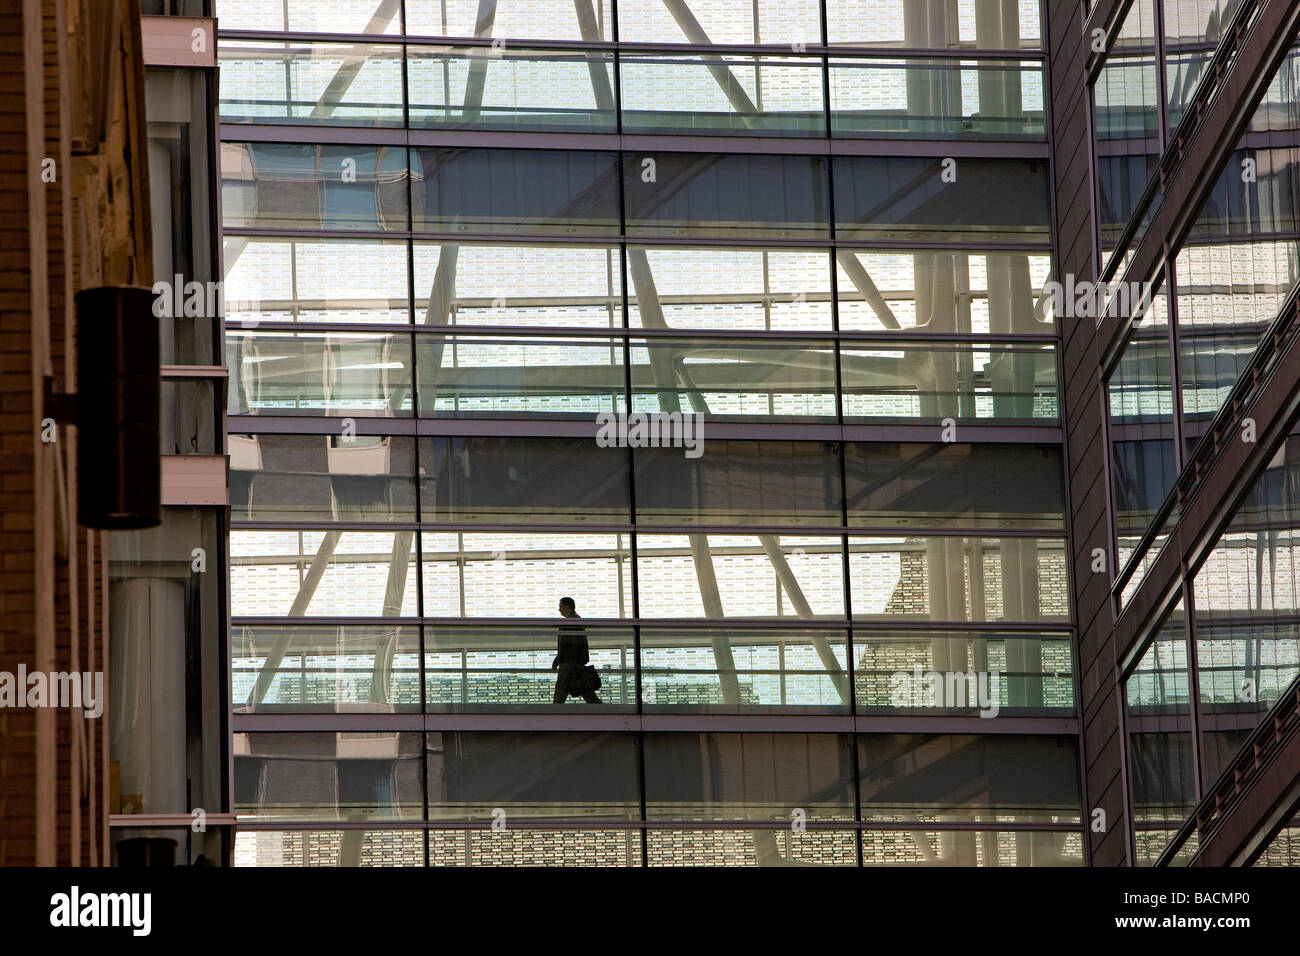 Canada québec montréal le quartier international les bureaux de